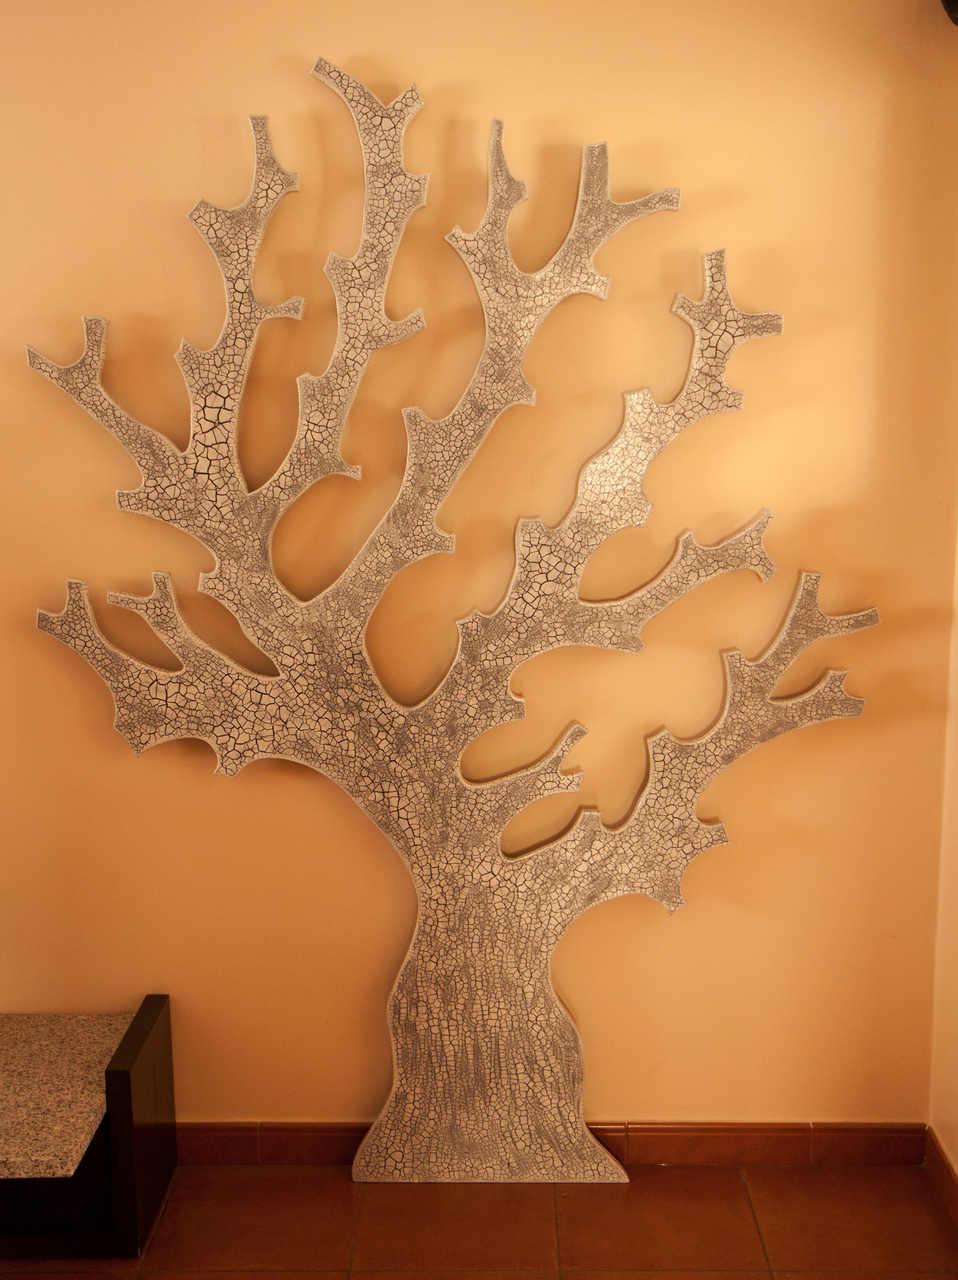 Árvore Decorativa com Leds | ArborCandida